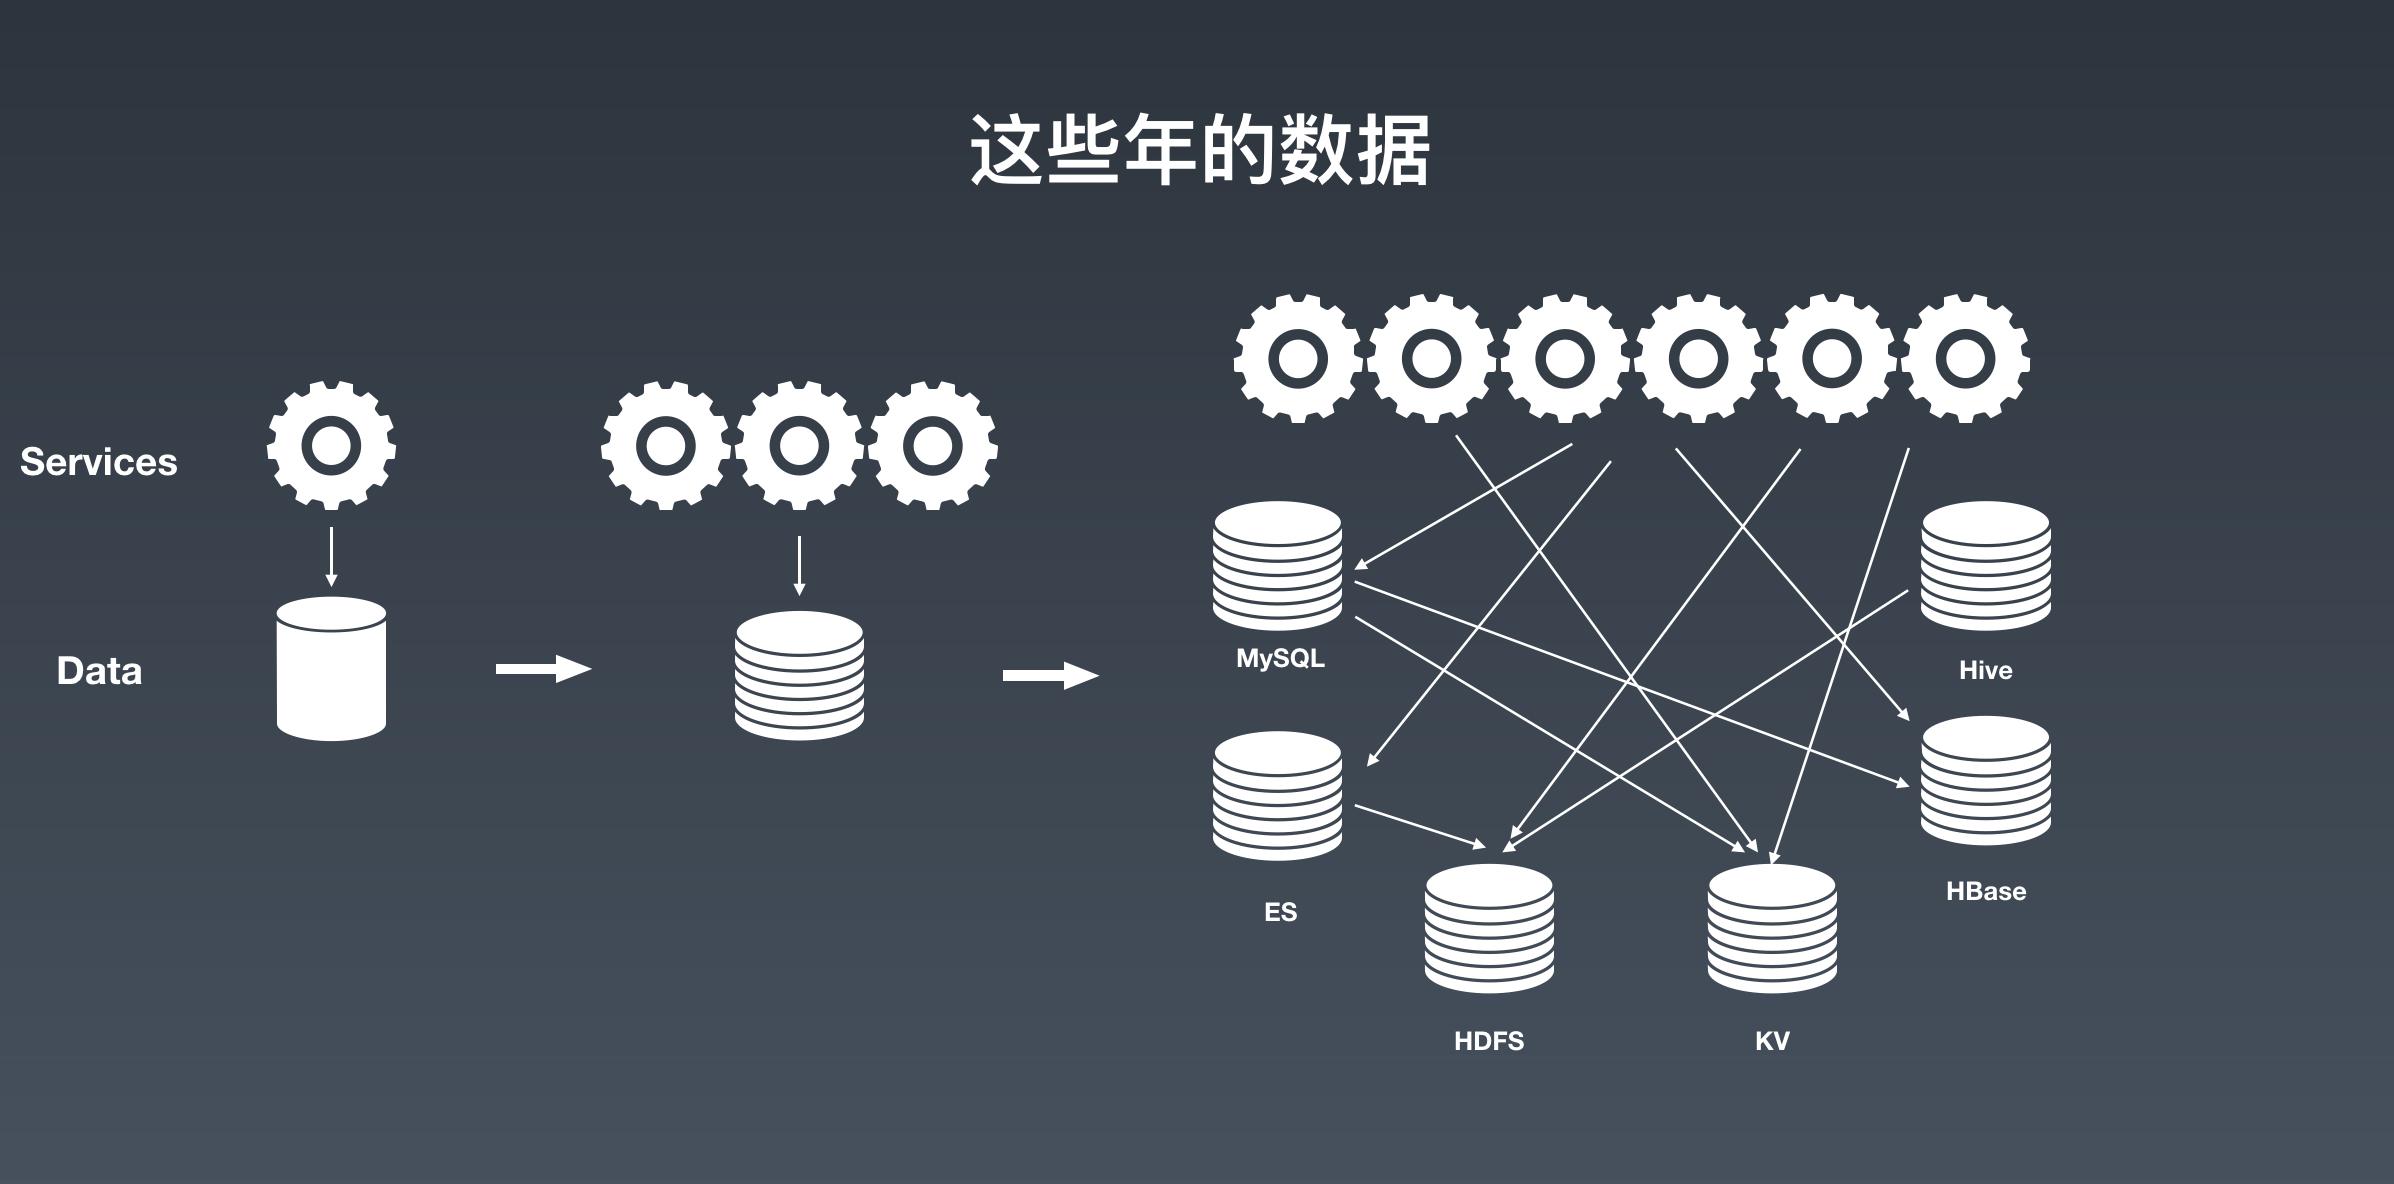 独家解读!京东高可用分布式流数据存储的架构设计